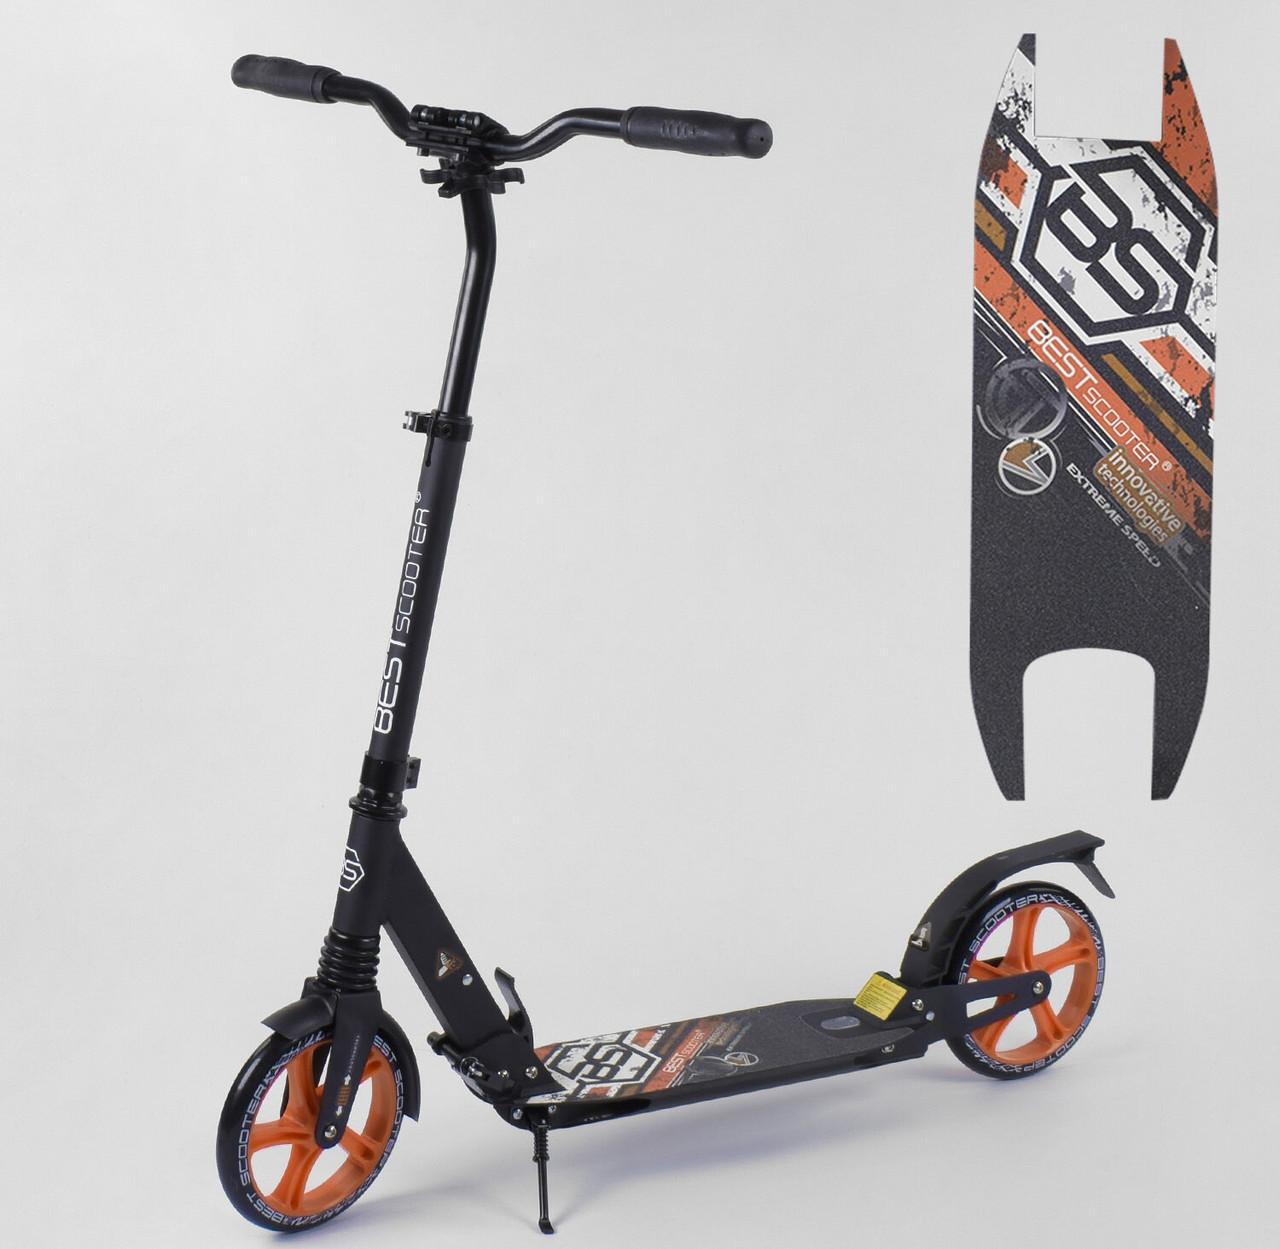 Детский самокат алюминиевый 73133 Best Scooter